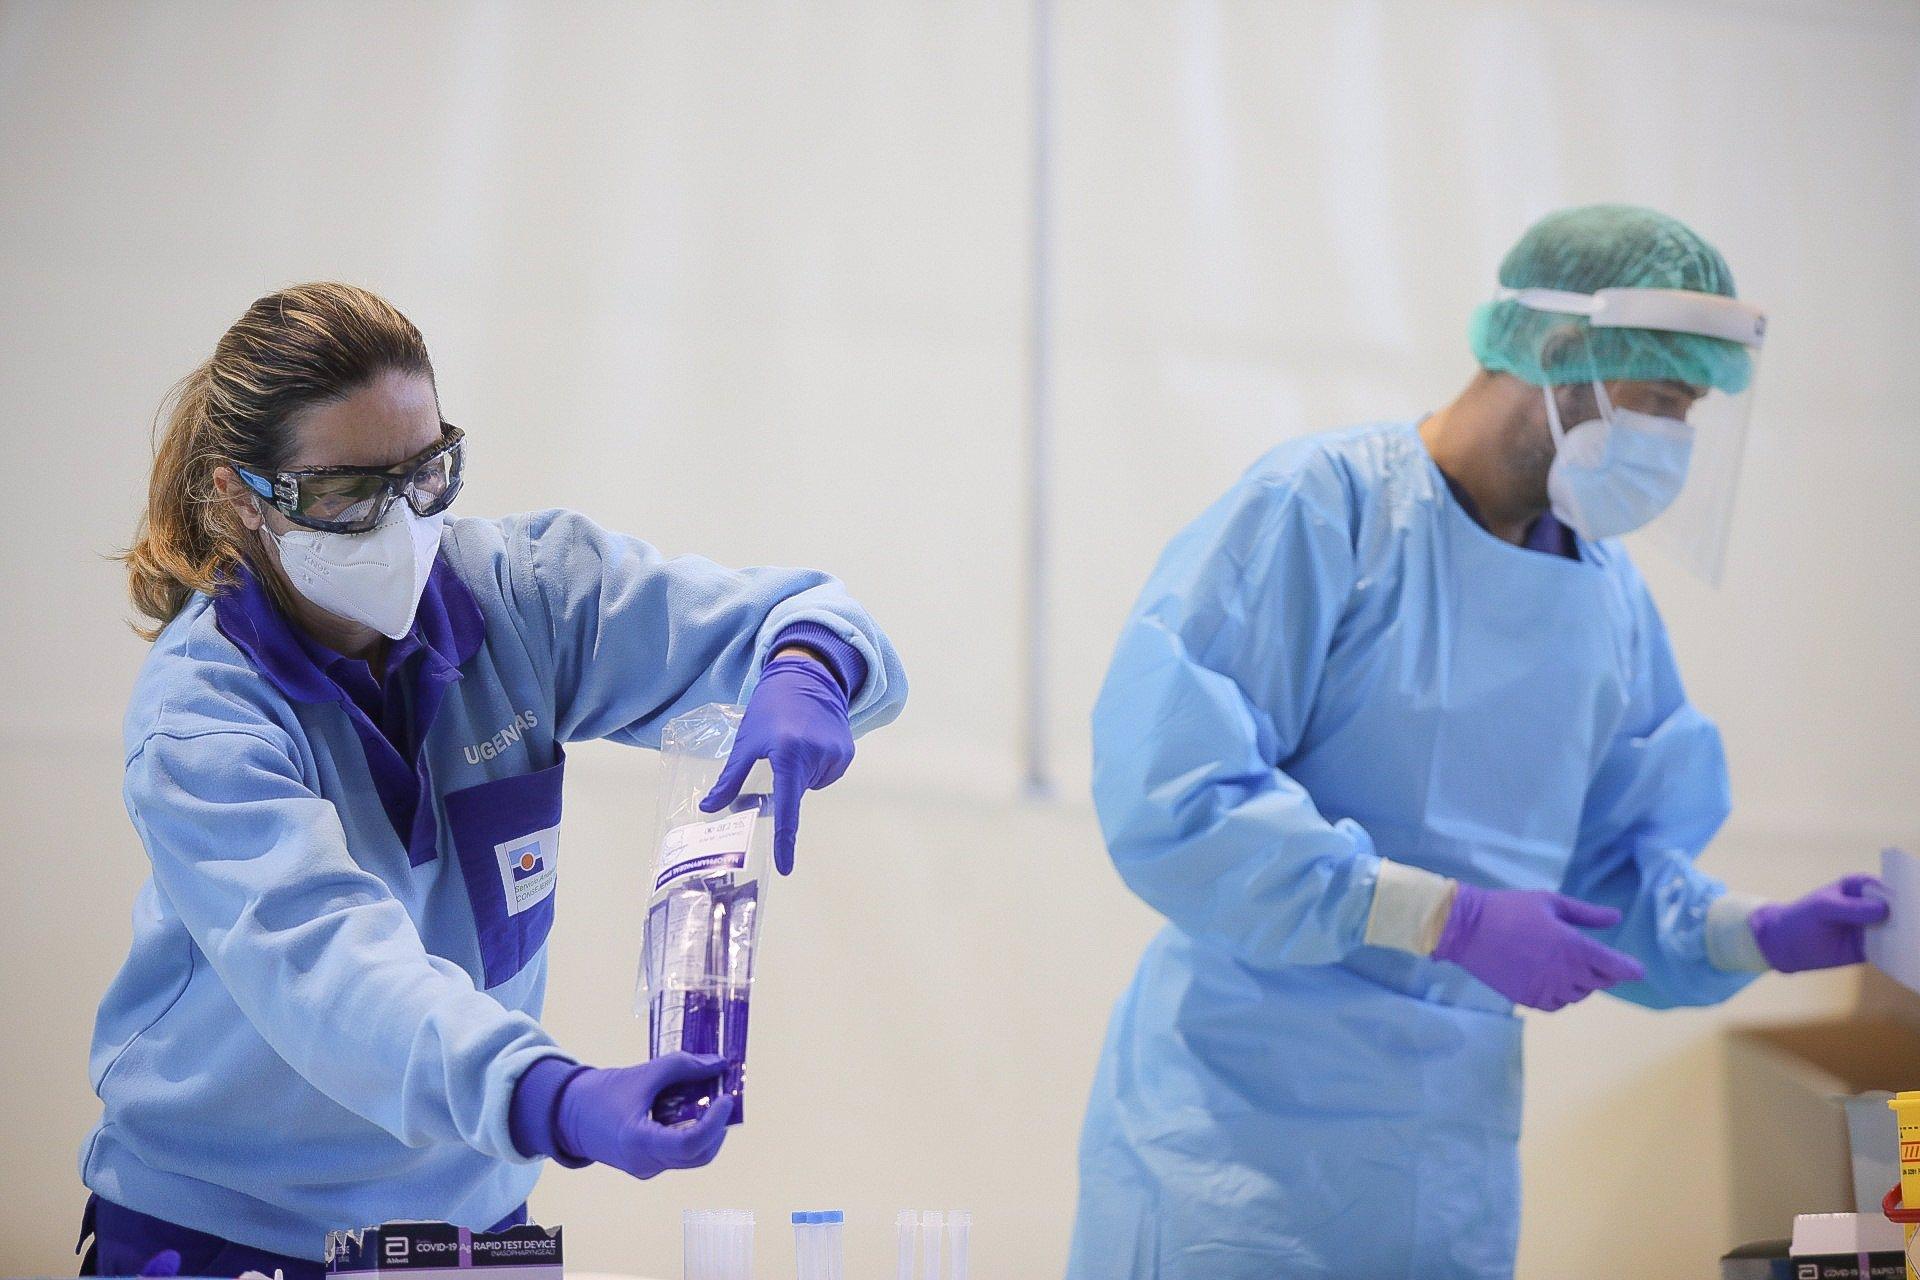 Granada sube los contagios a 363, registra un muerto y mantiene 223 personas hospitalizadas, 65 en UCI